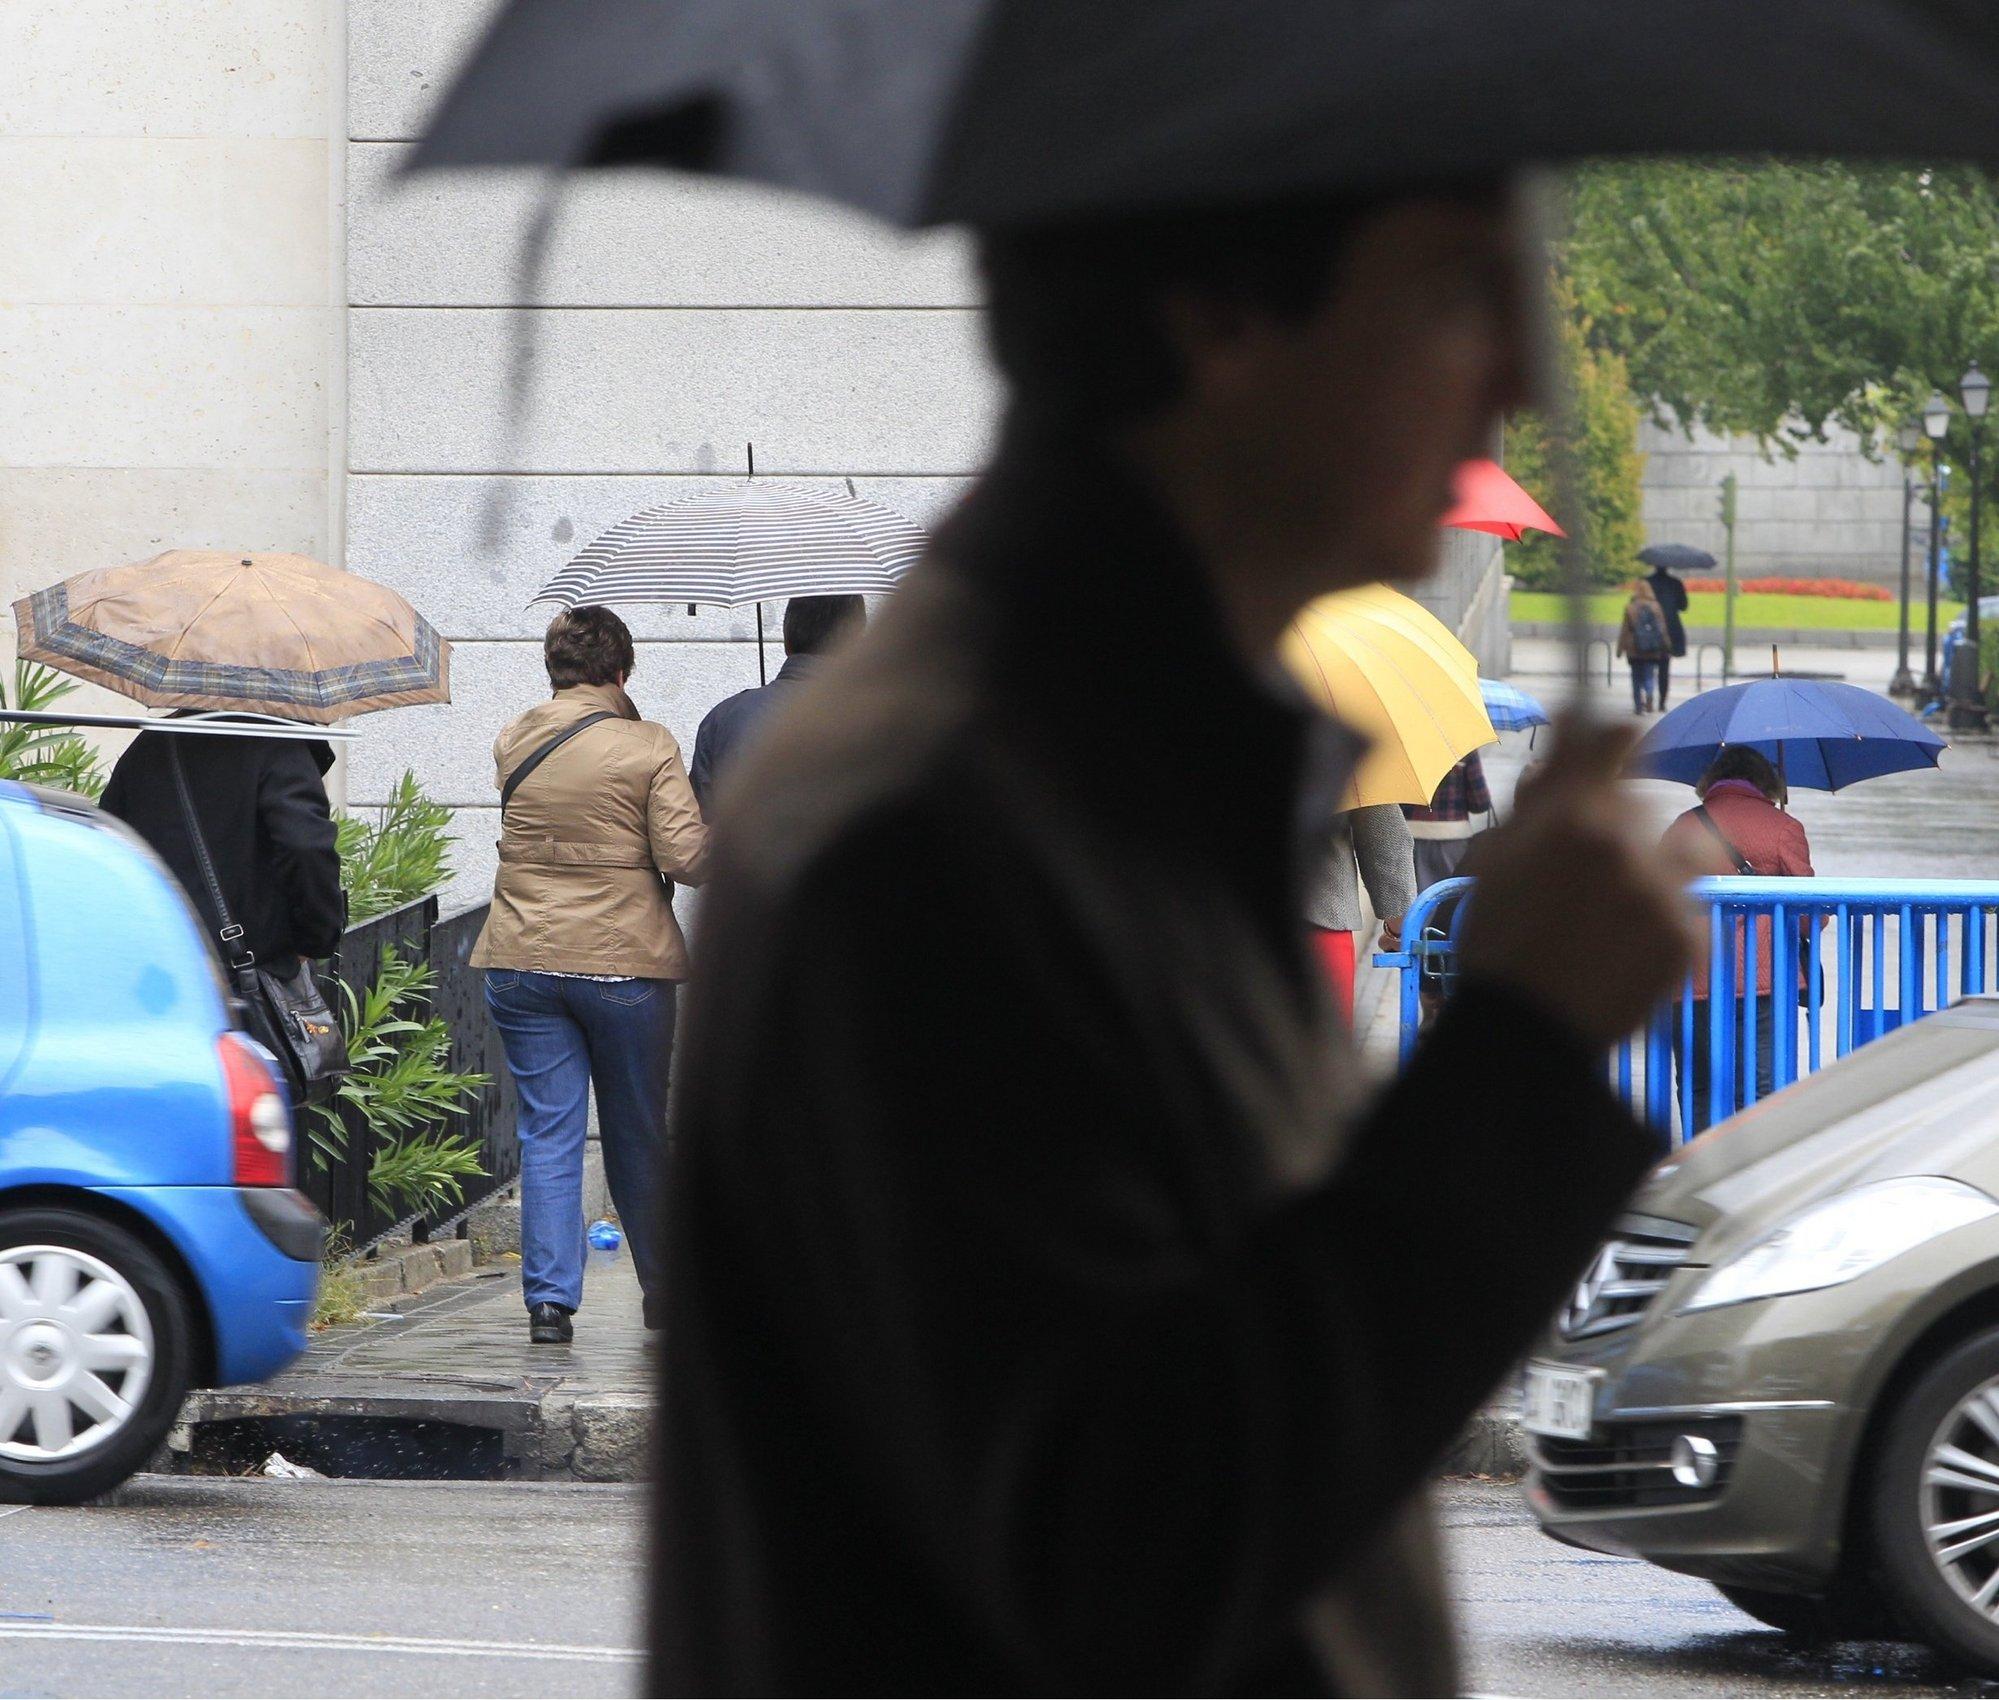 La Aemet activa el aviso amarillo en La Palma y El Hierro por fuertes lluvias